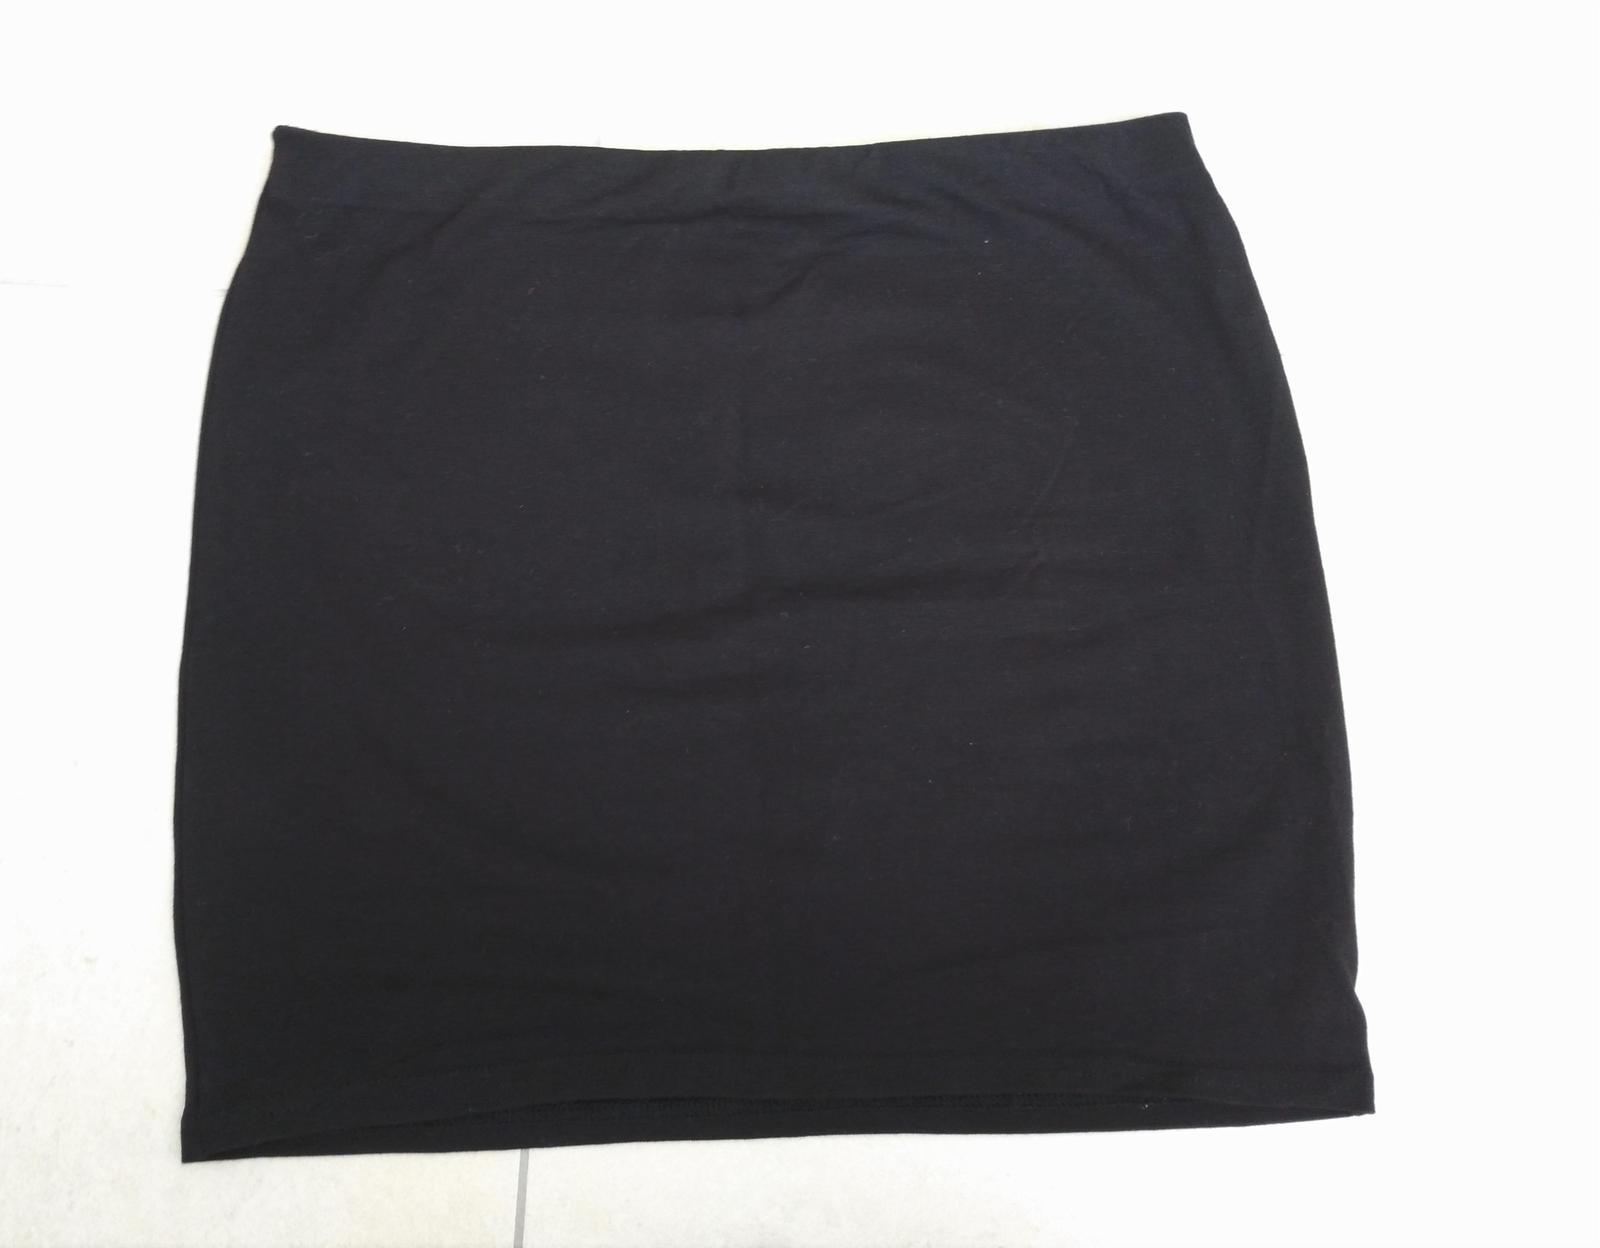 Čierno-zlatá sukňa s kamienkami 36/S - Obrázok č. 3